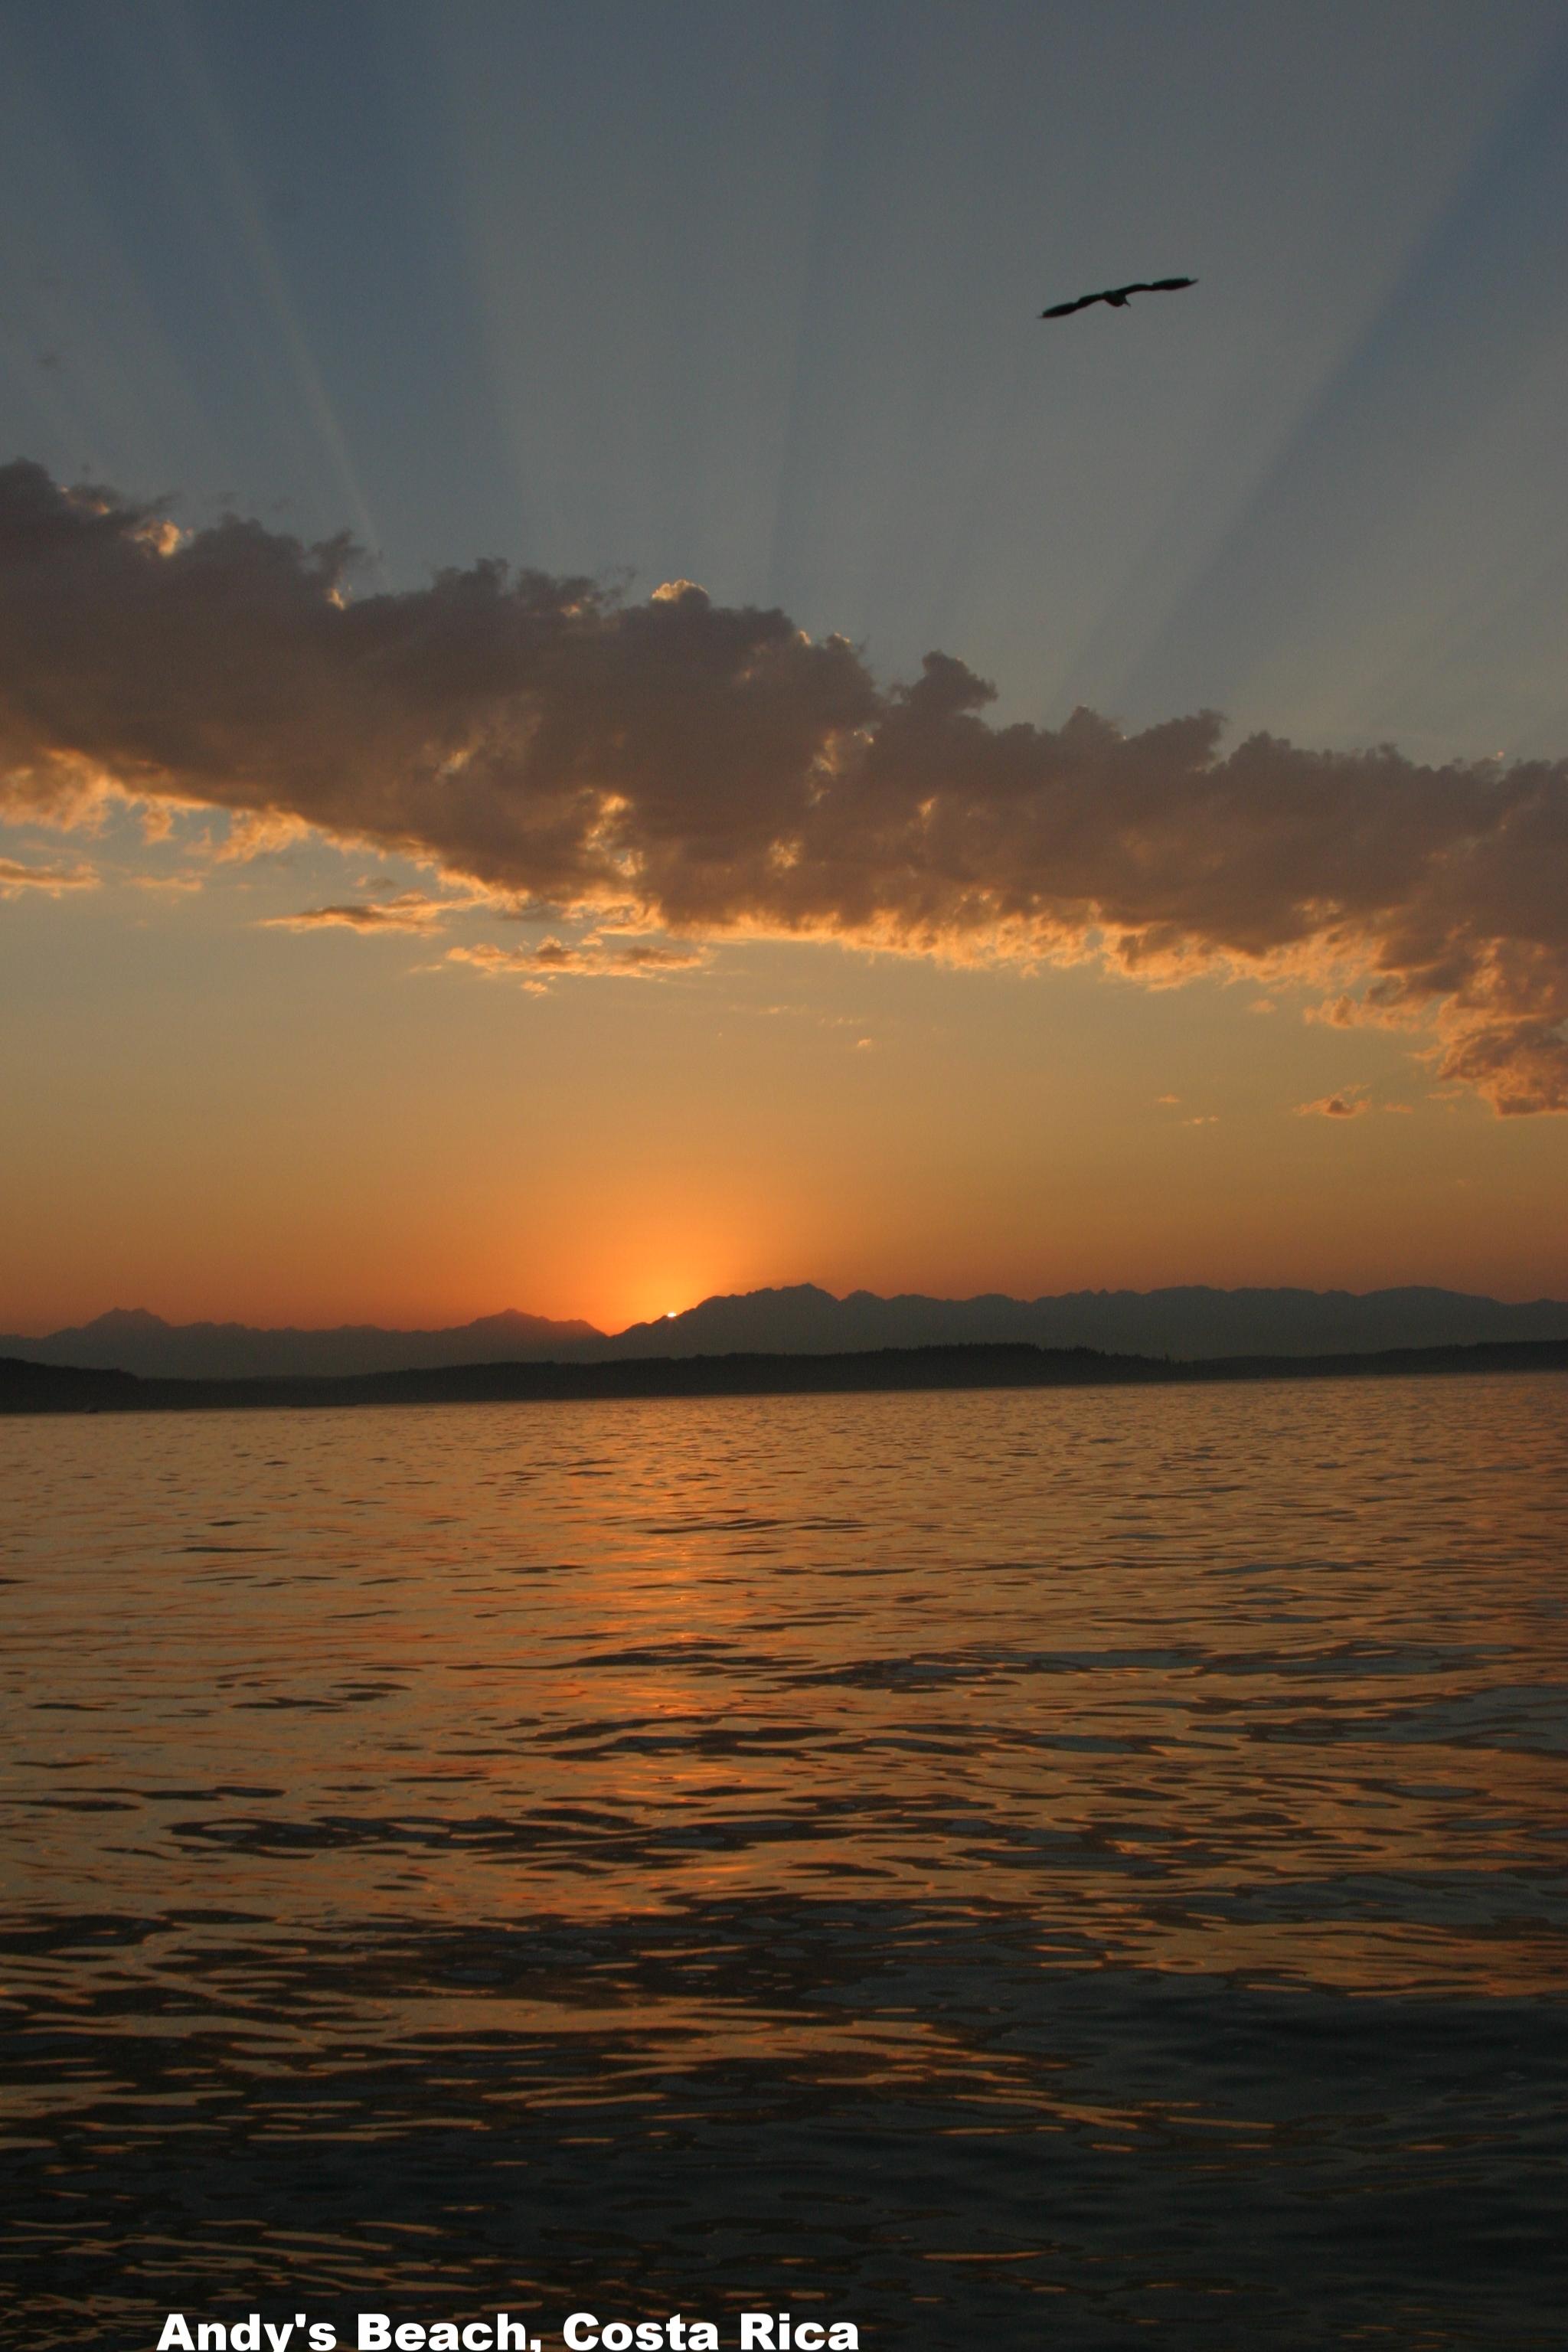 001 - Alki Sunset.jpg